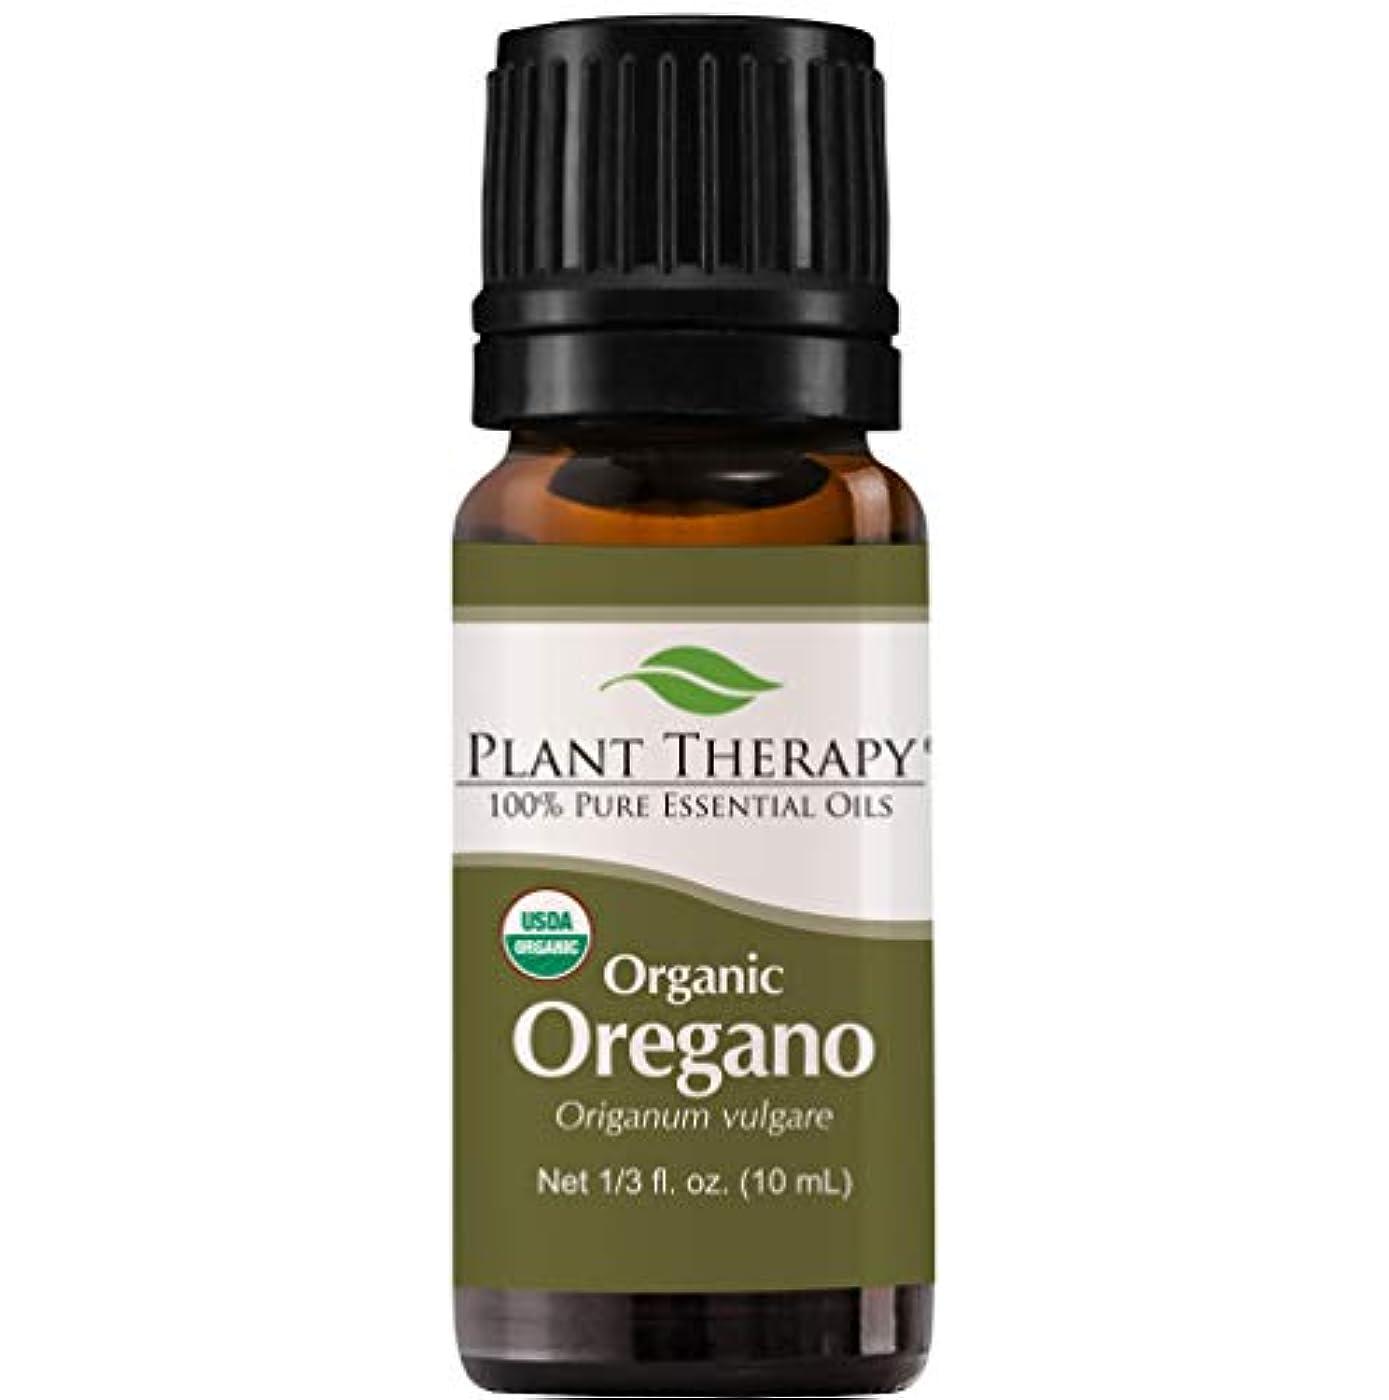 アスレチック辛な軽蔑するUSDA Certified Organic Oregano Essential Oil. 10 ml (1/3 oz). 100% Pure, Undiluted, Therapeutic Grade. by Plant...